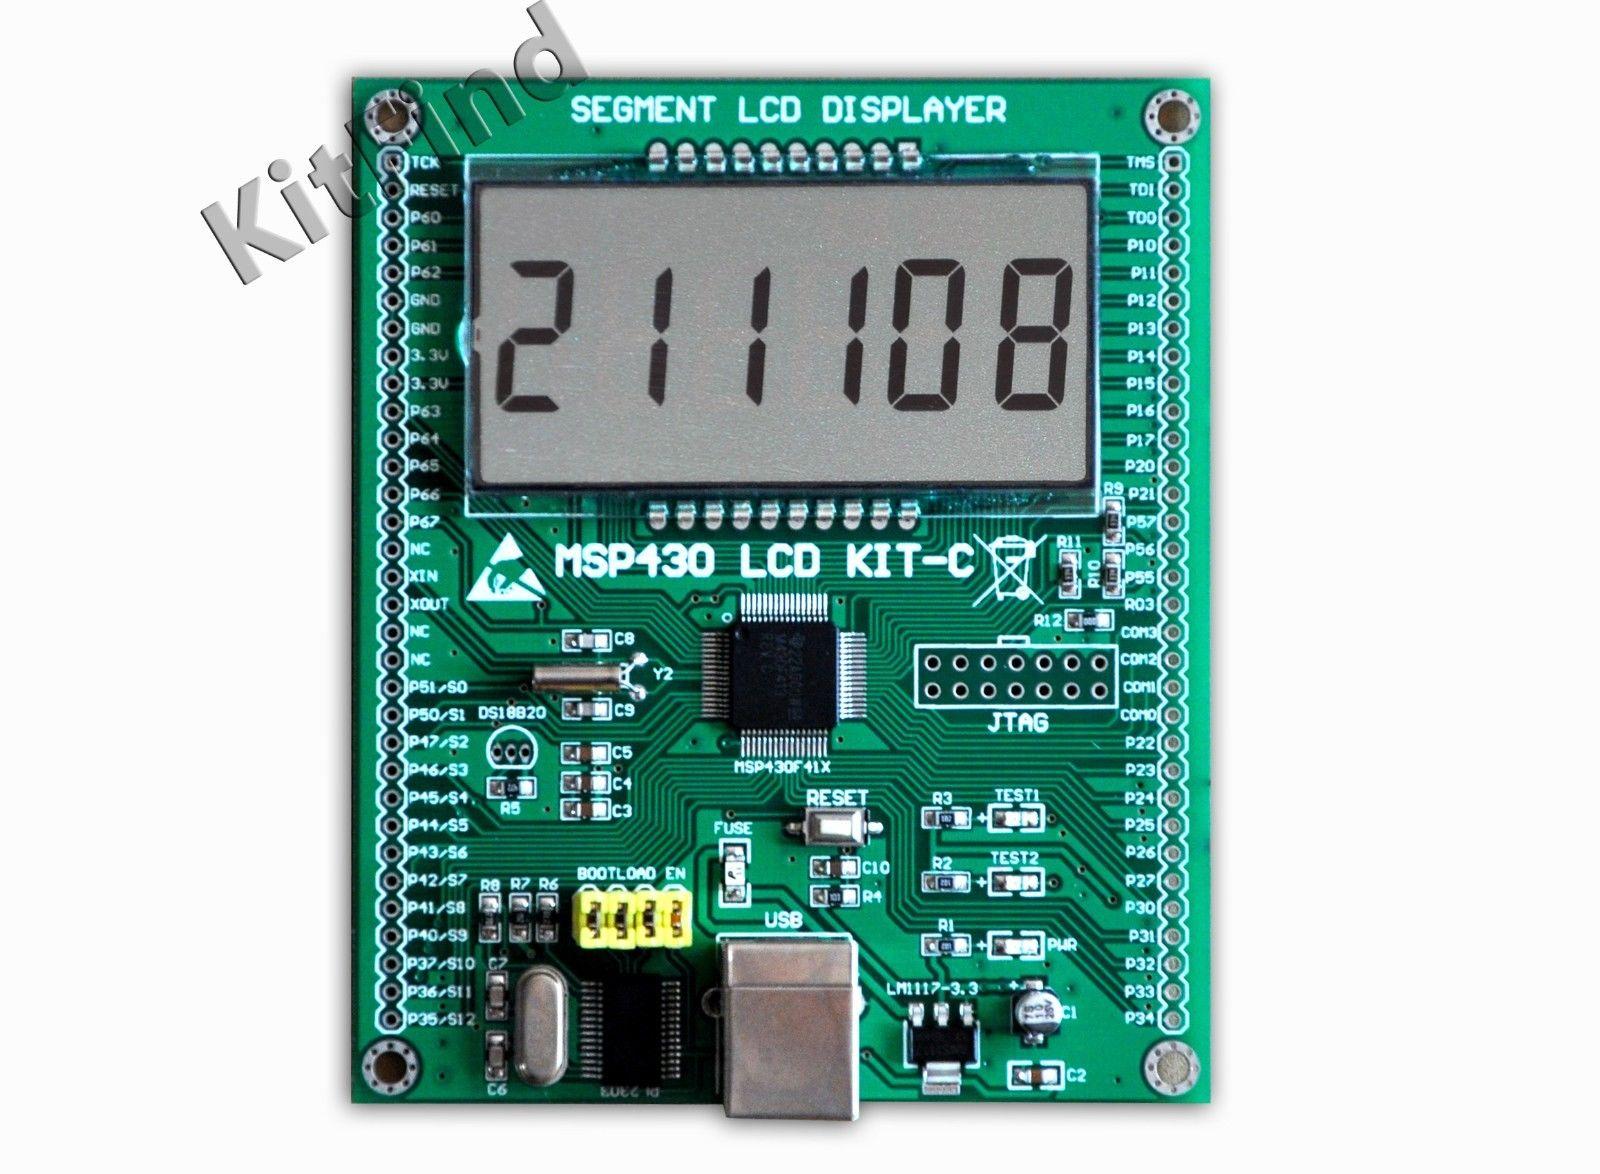 MSP430 مجلس التنمية 430 LCD لوحة تعليمية MSP430F413 قطعة LCD دون تحميل